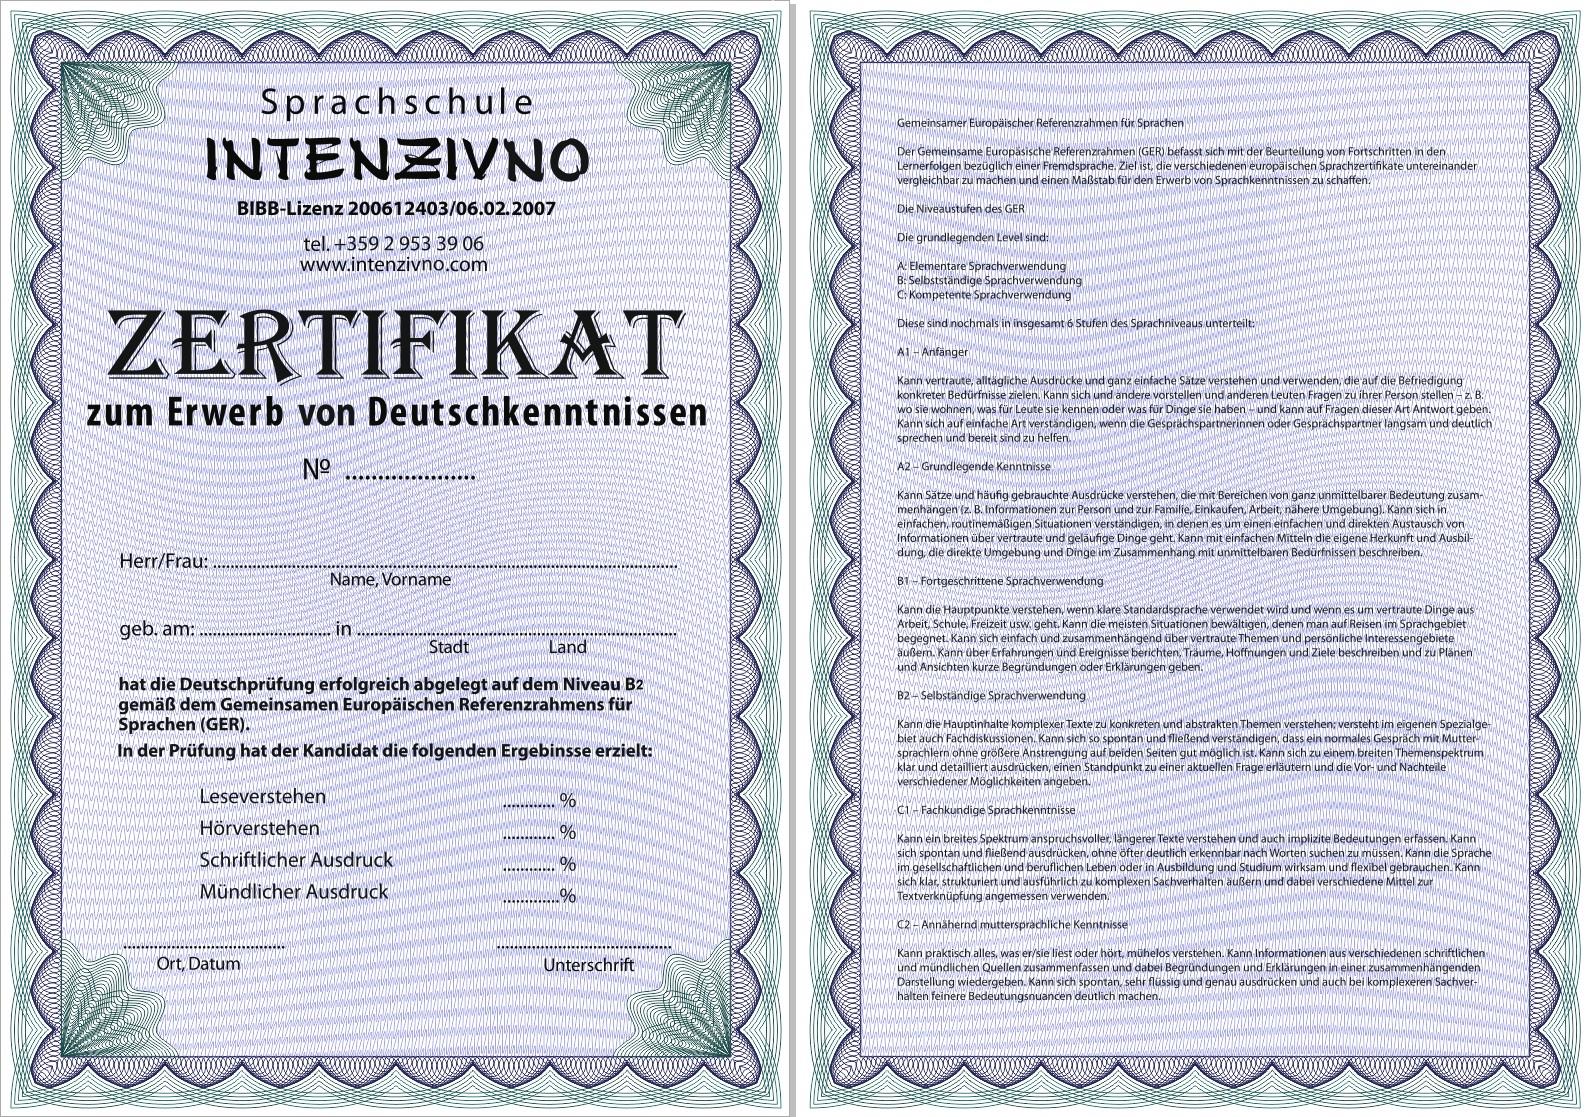 Снимка на сертификат по немски език